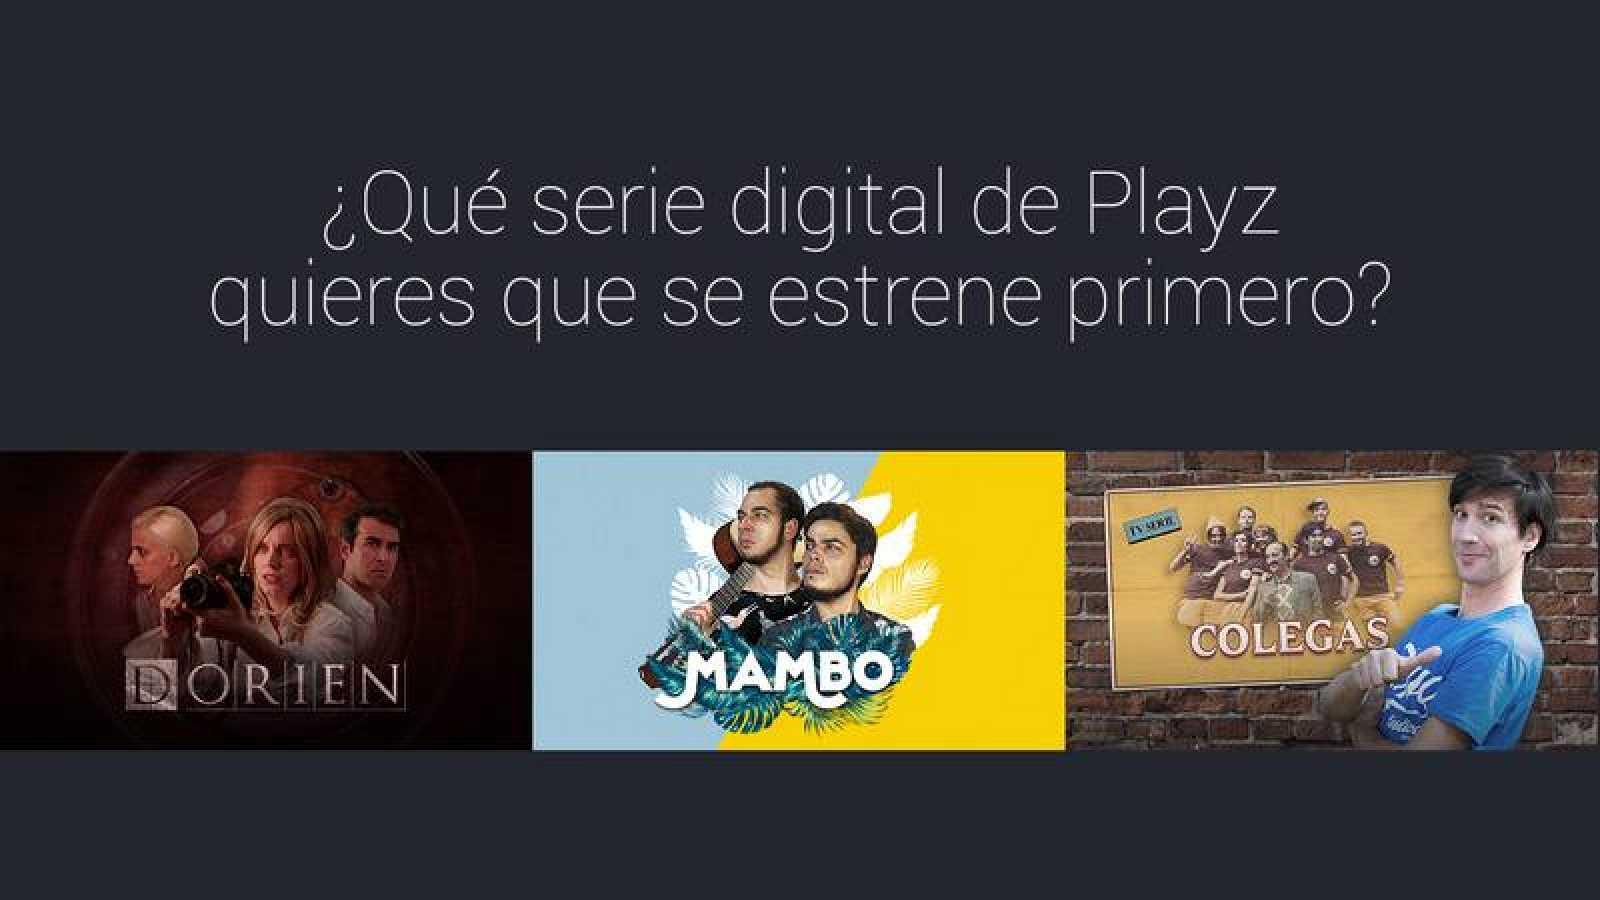 'Dorien', 'Mambo' y 'Colegas', tres webseries de Playz